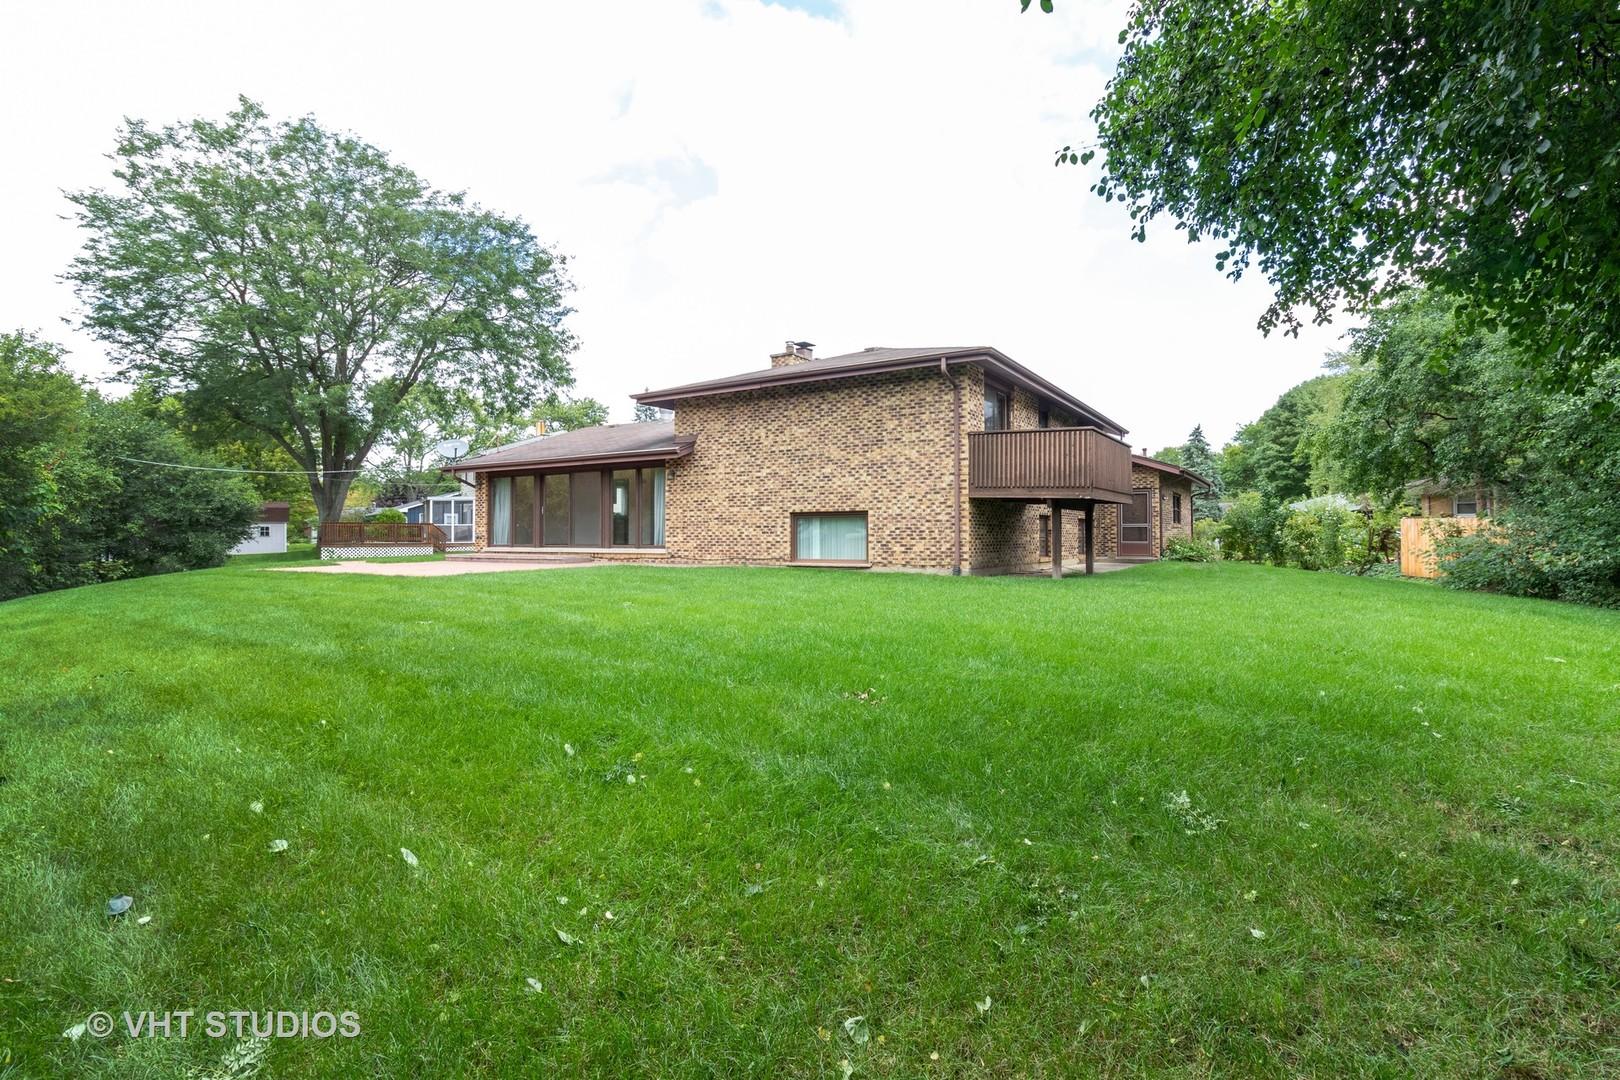 448 Ridge, Roselle, Illinois, 60172